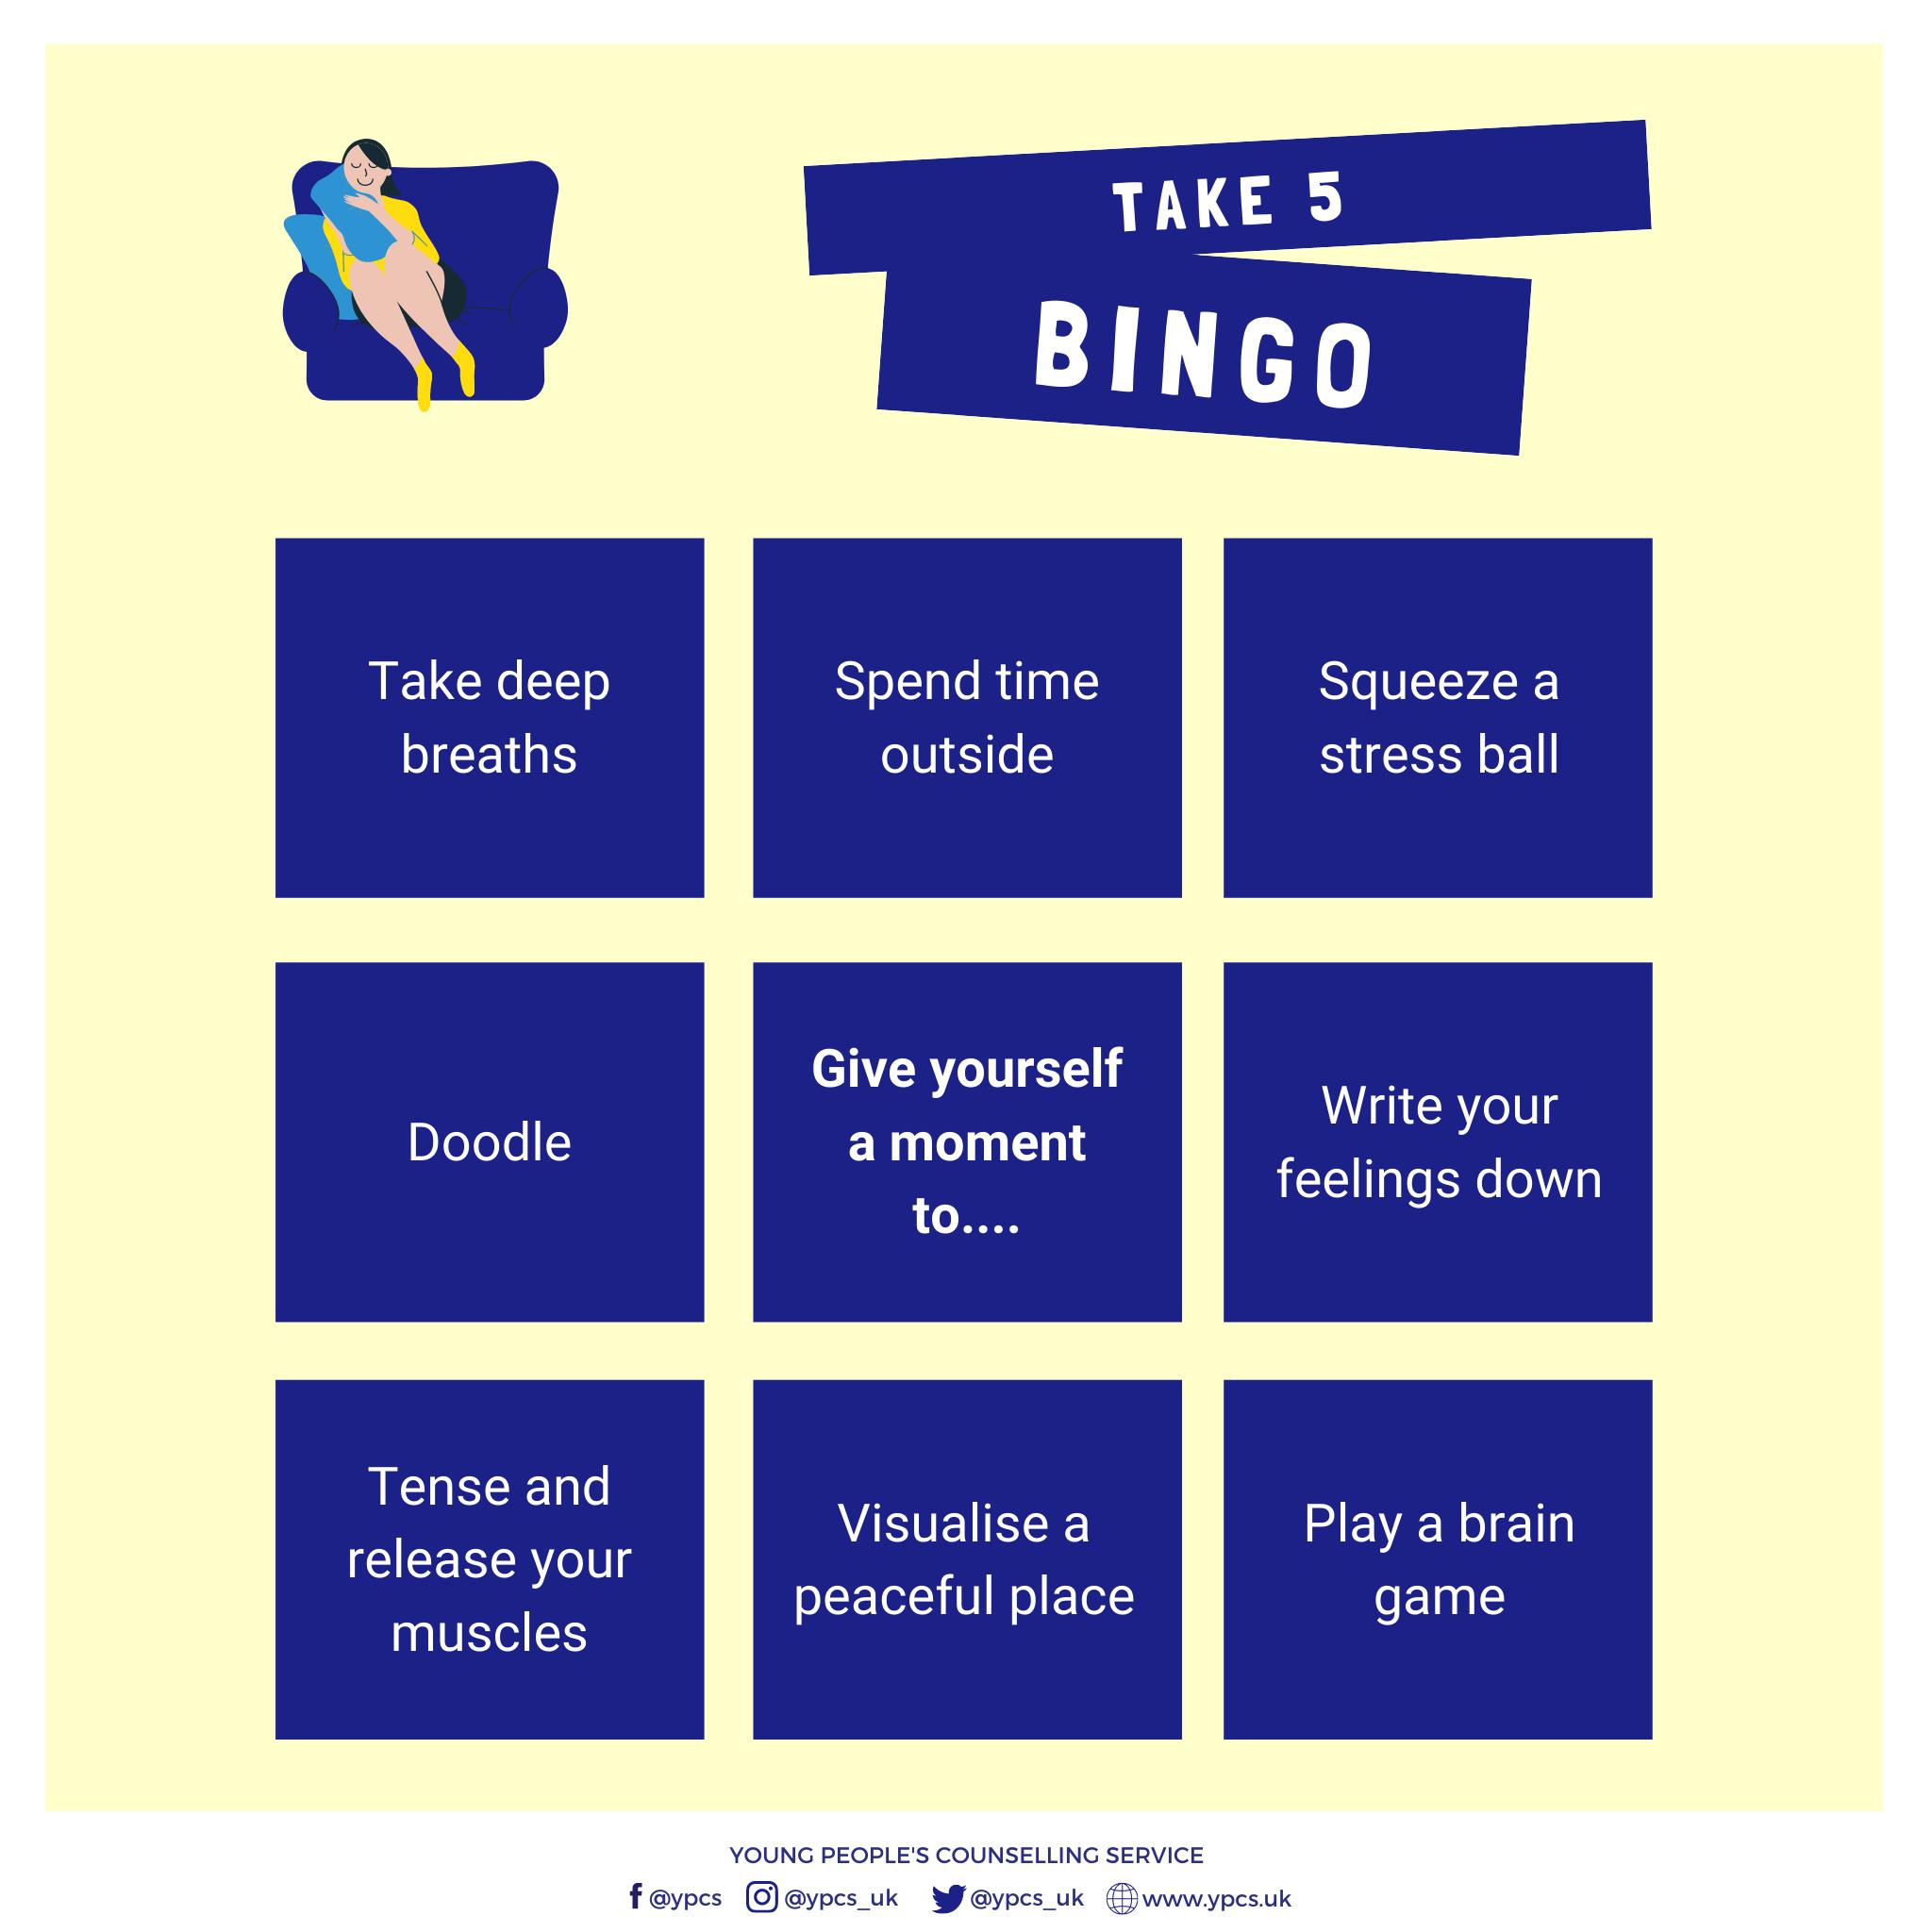 Take 5 Bingo